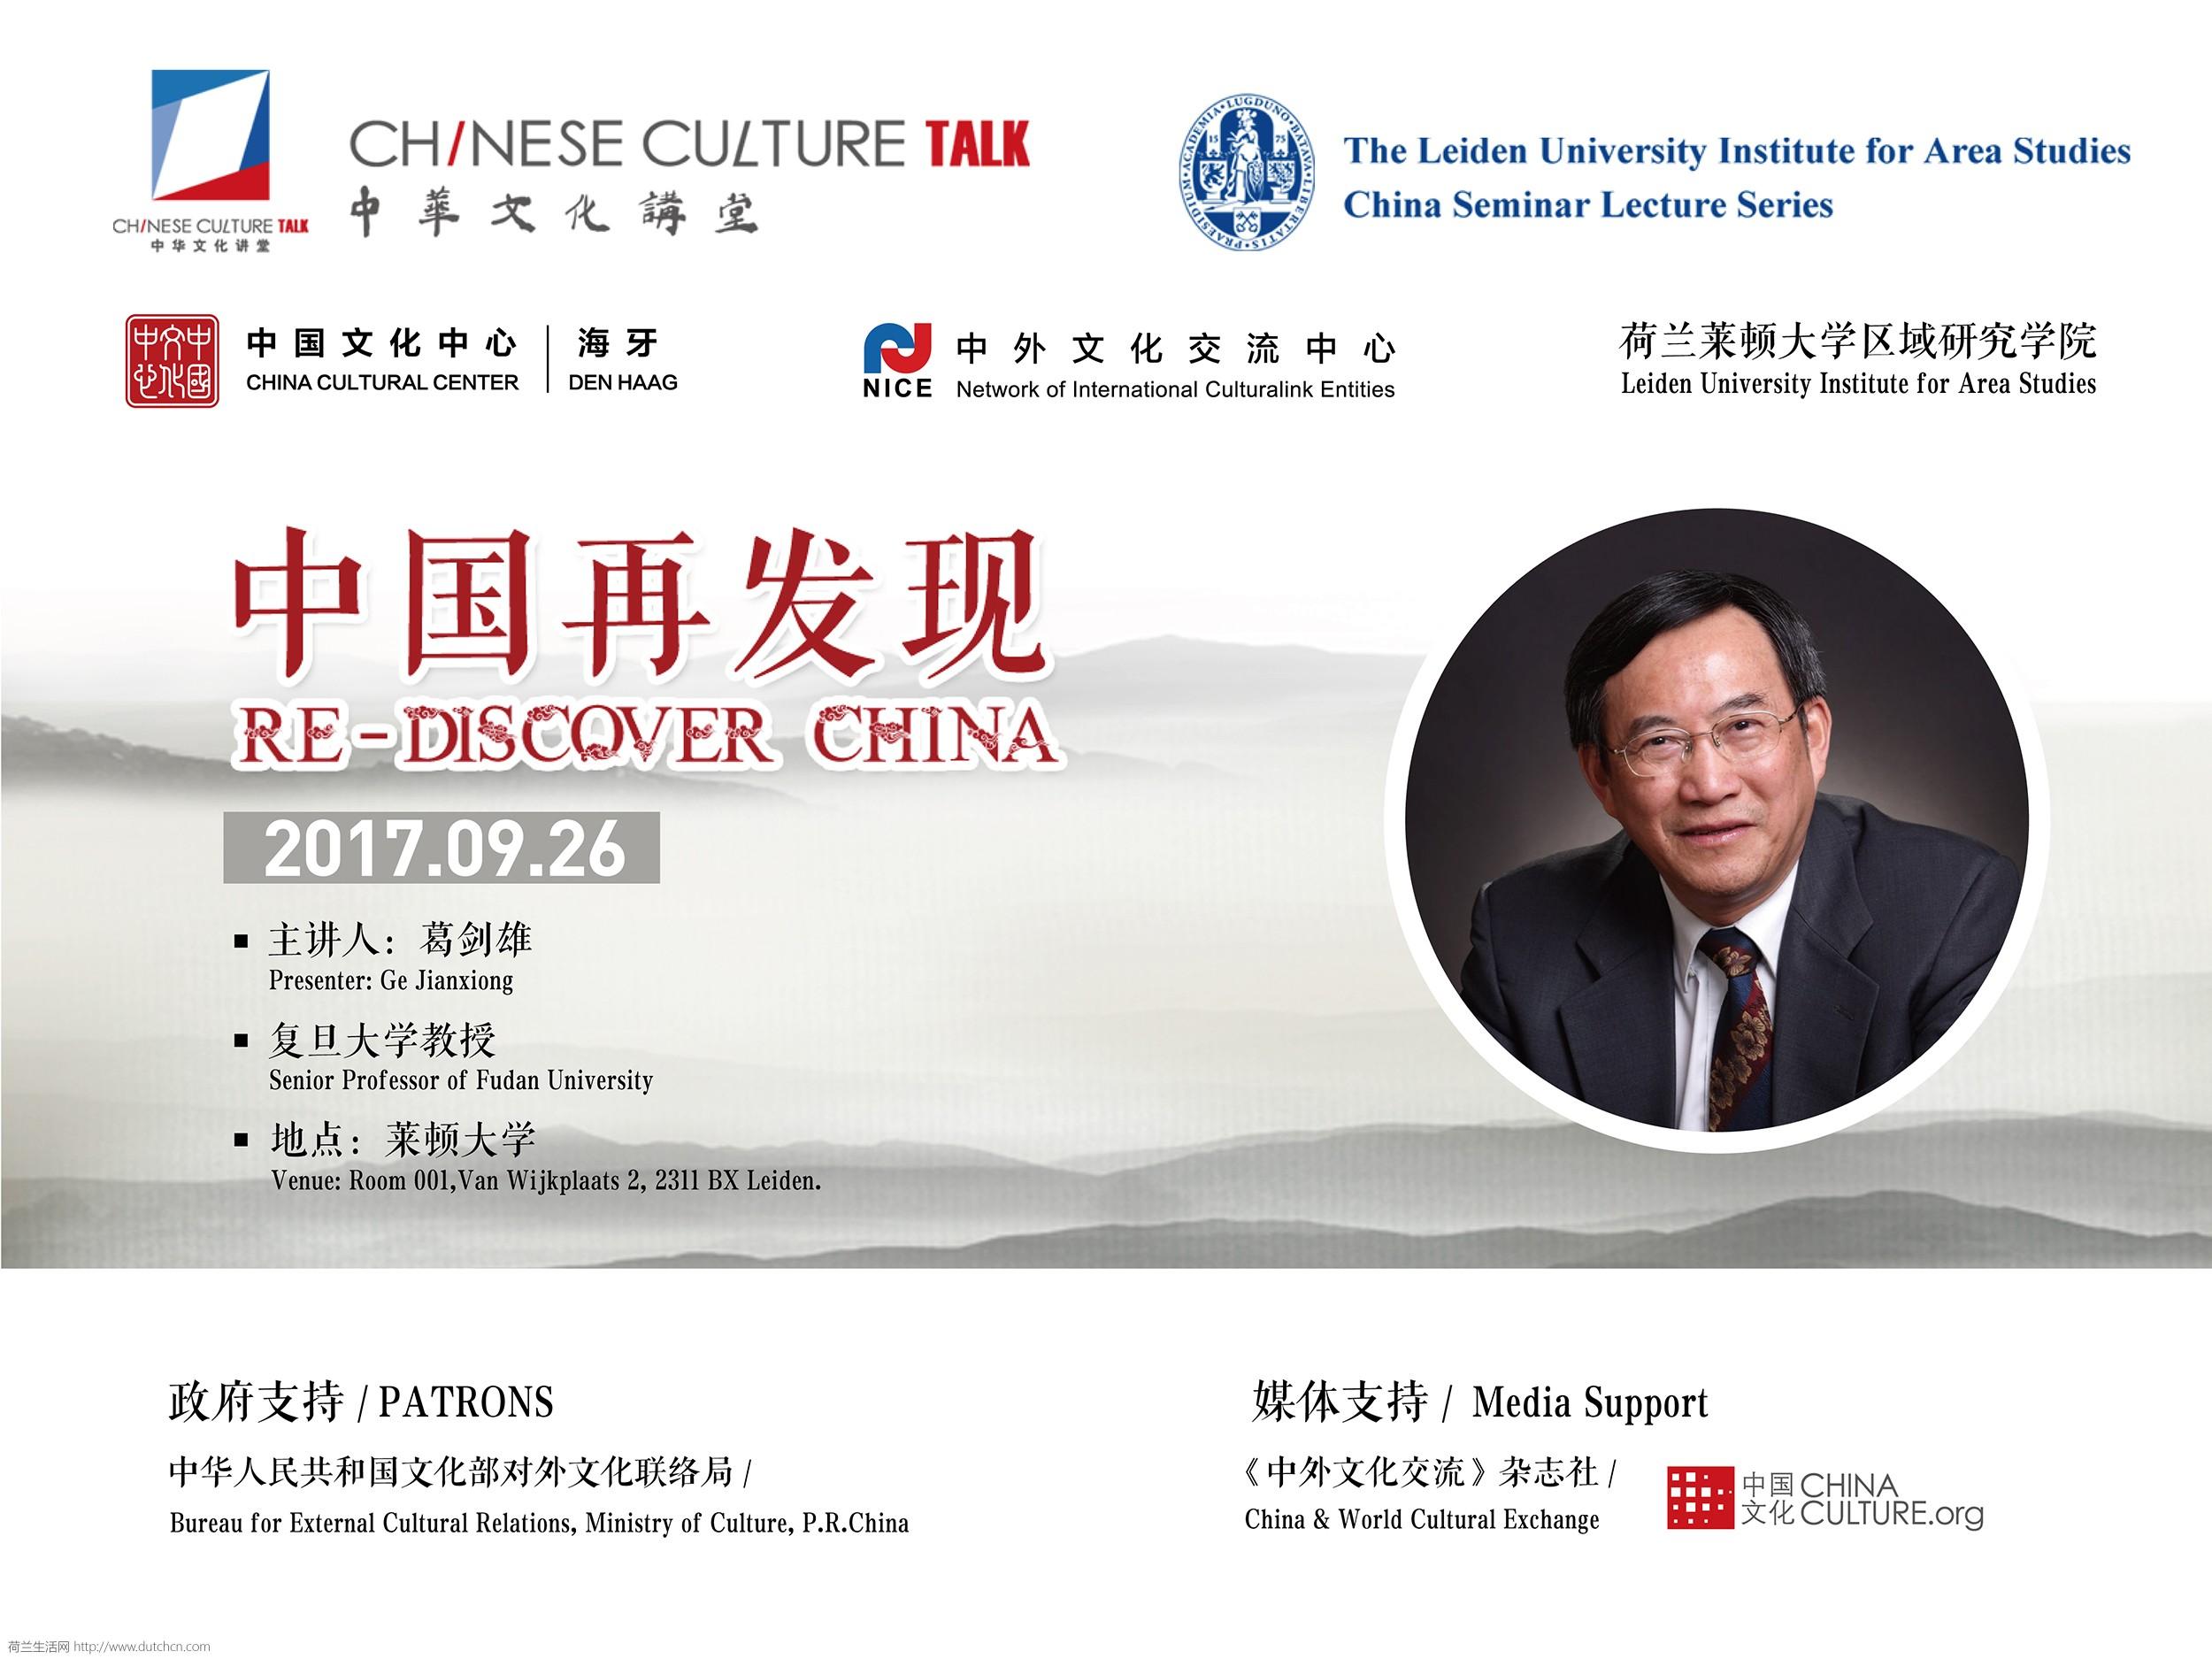 中华文化大讲堂莱顿大学开讲,行业大牛带你领略不一样的中国